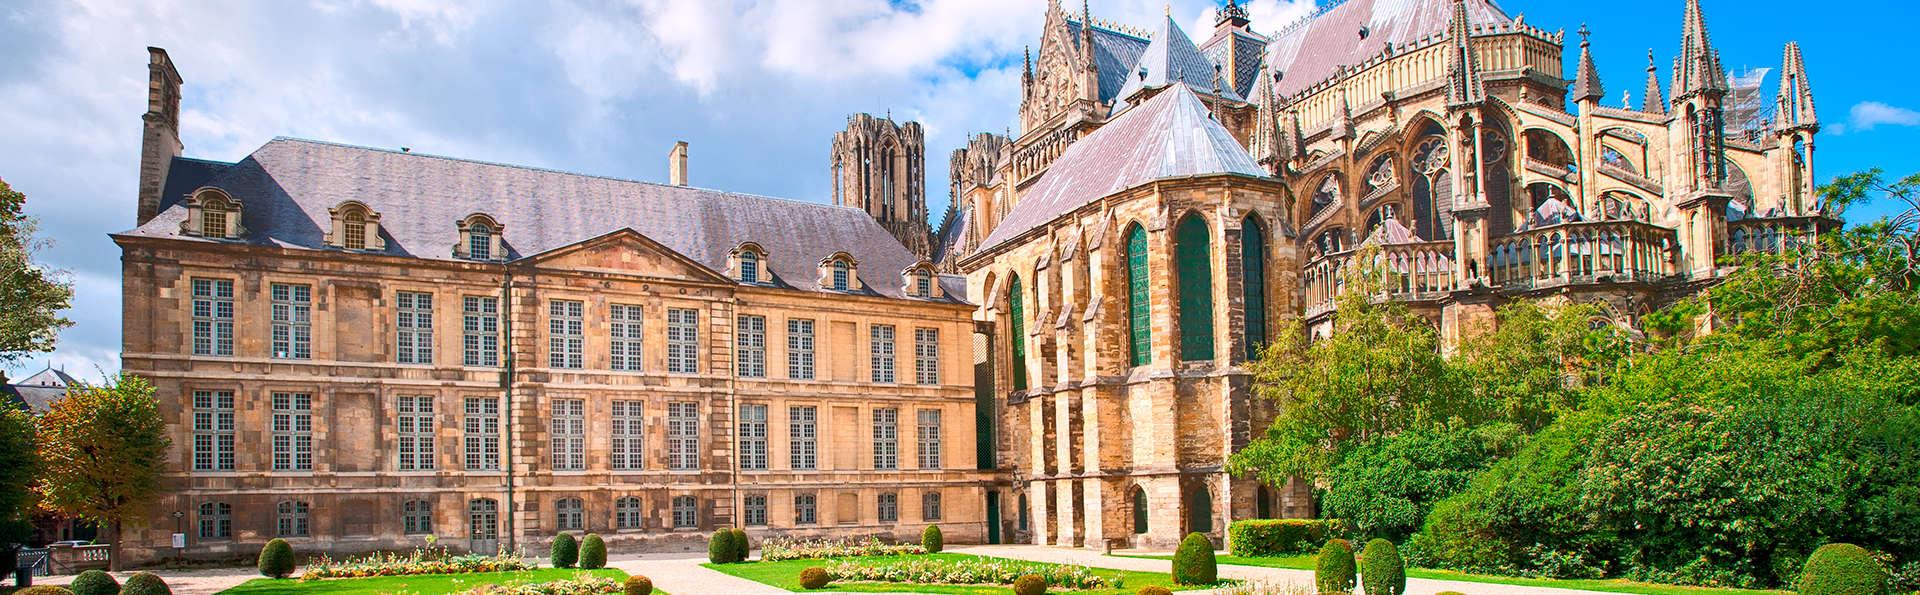 Sure Hotel by Best Western Reims Nord - EDIT_destination1.jpg